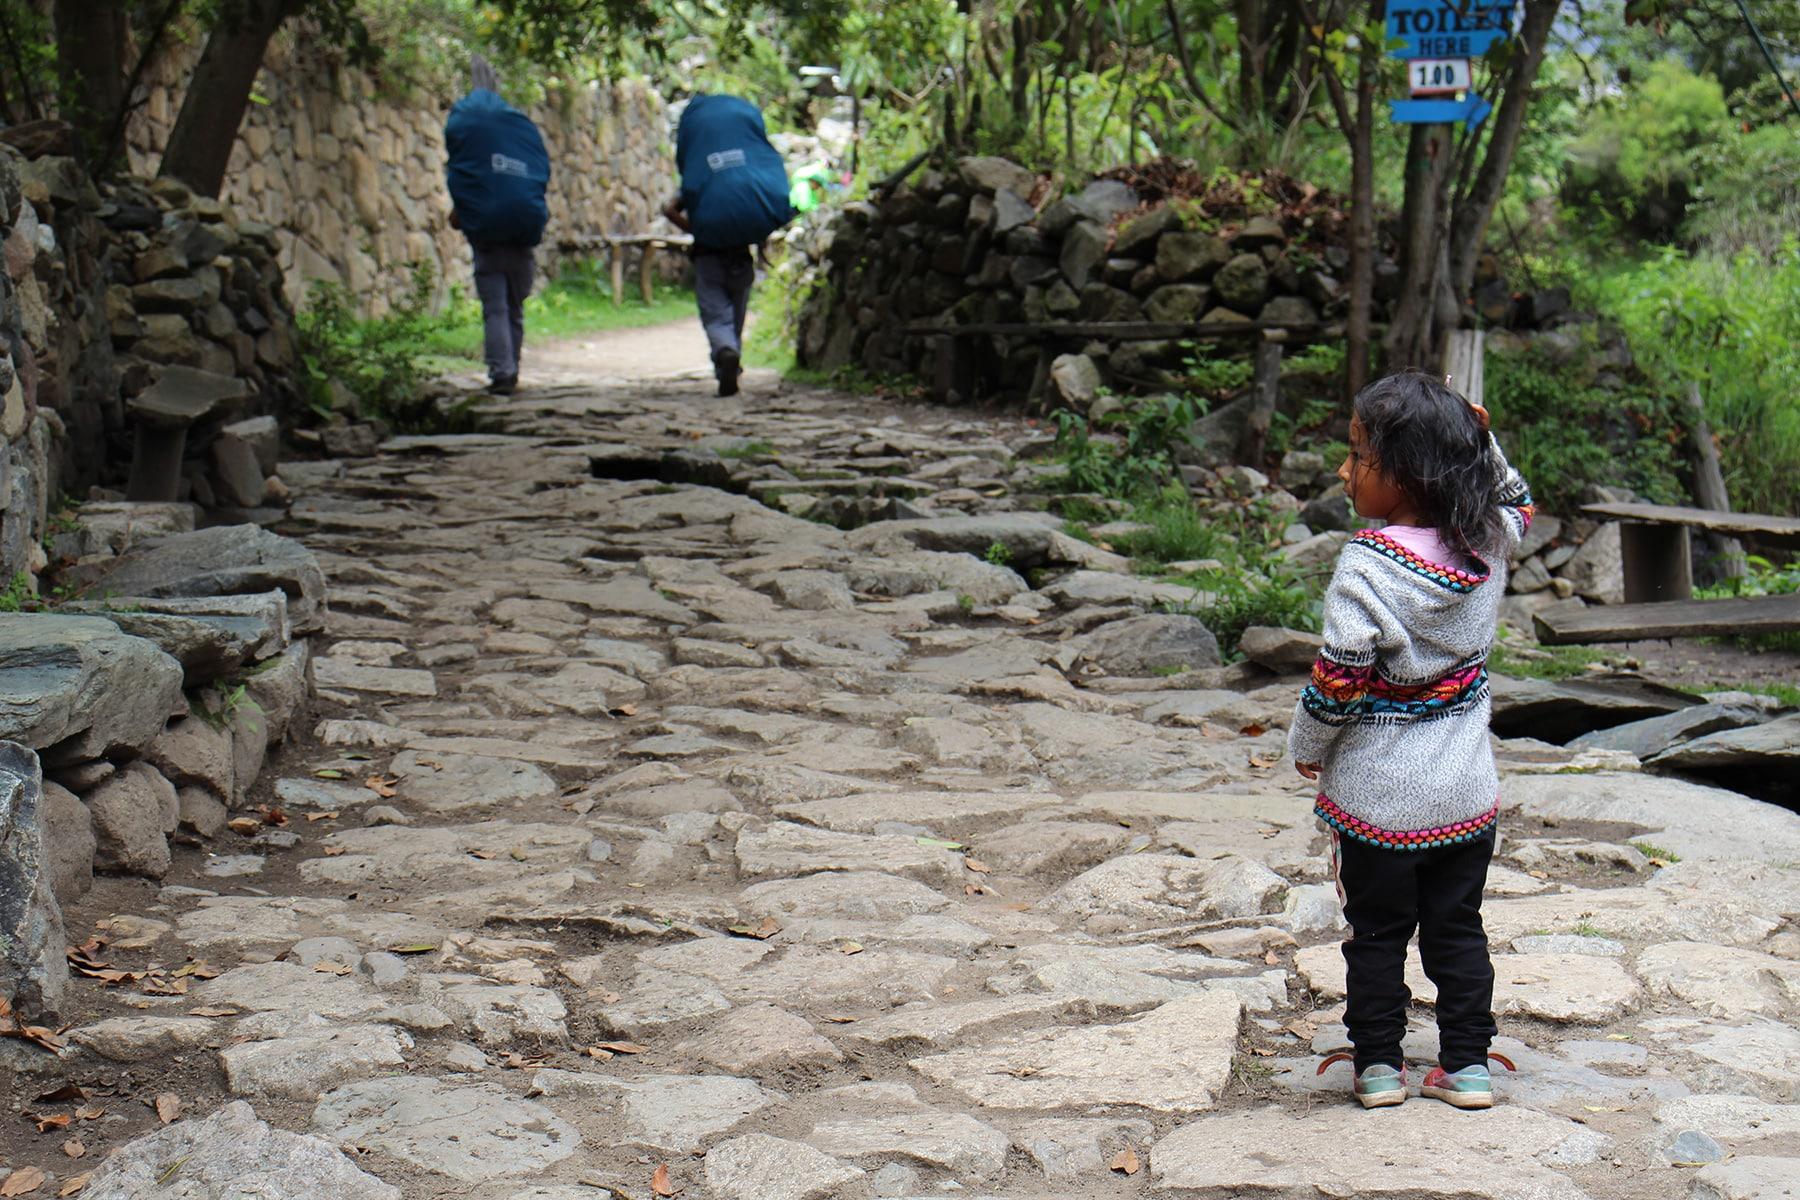 Una bambina sul inca trail guarda i passanti